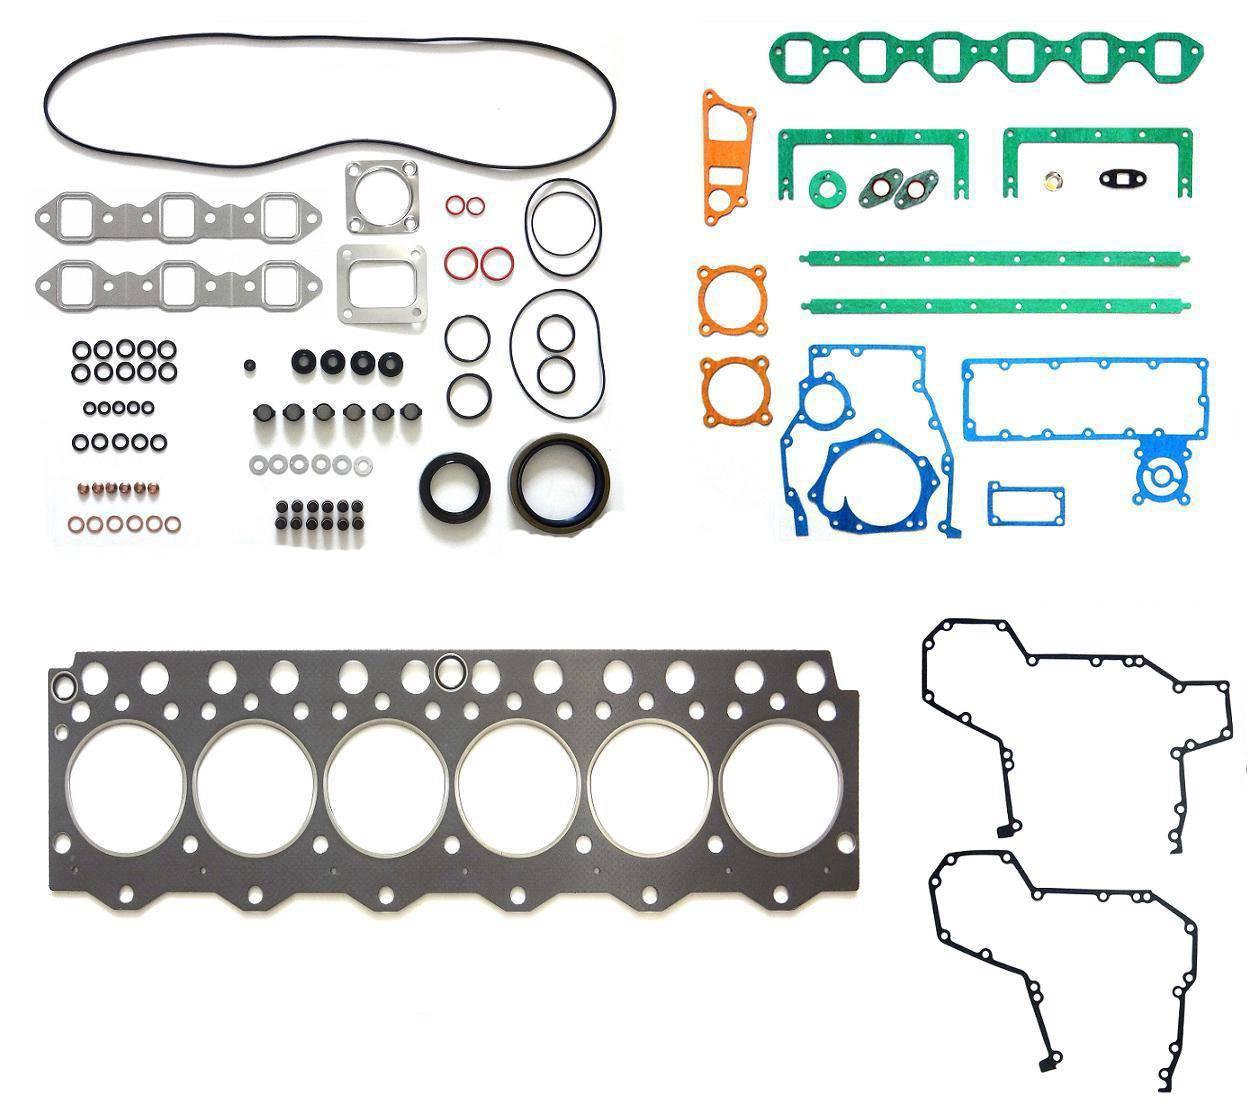 Komatsu 6D95 gasket kit, Full set, Overhaul gasket kit, Compelete gasket kit